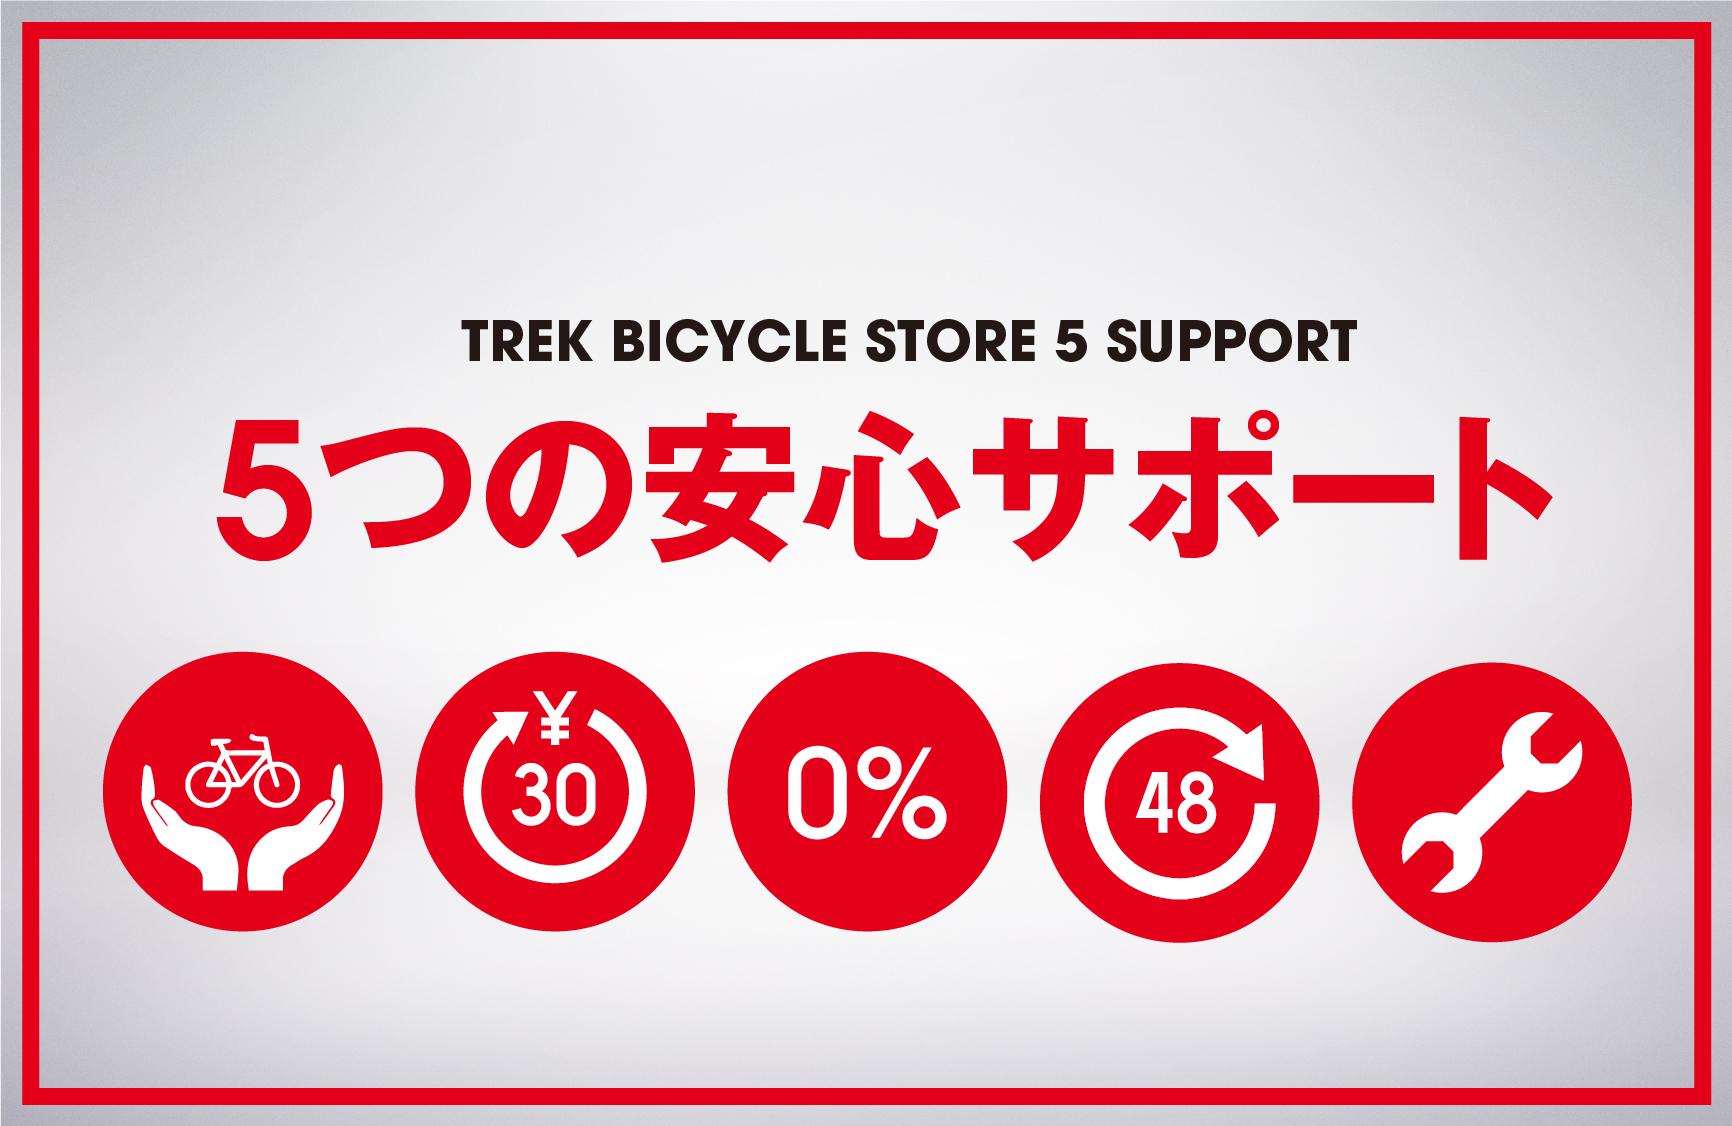 はじめてのスポーツバイクは、ぜひTREK Bicycleで。